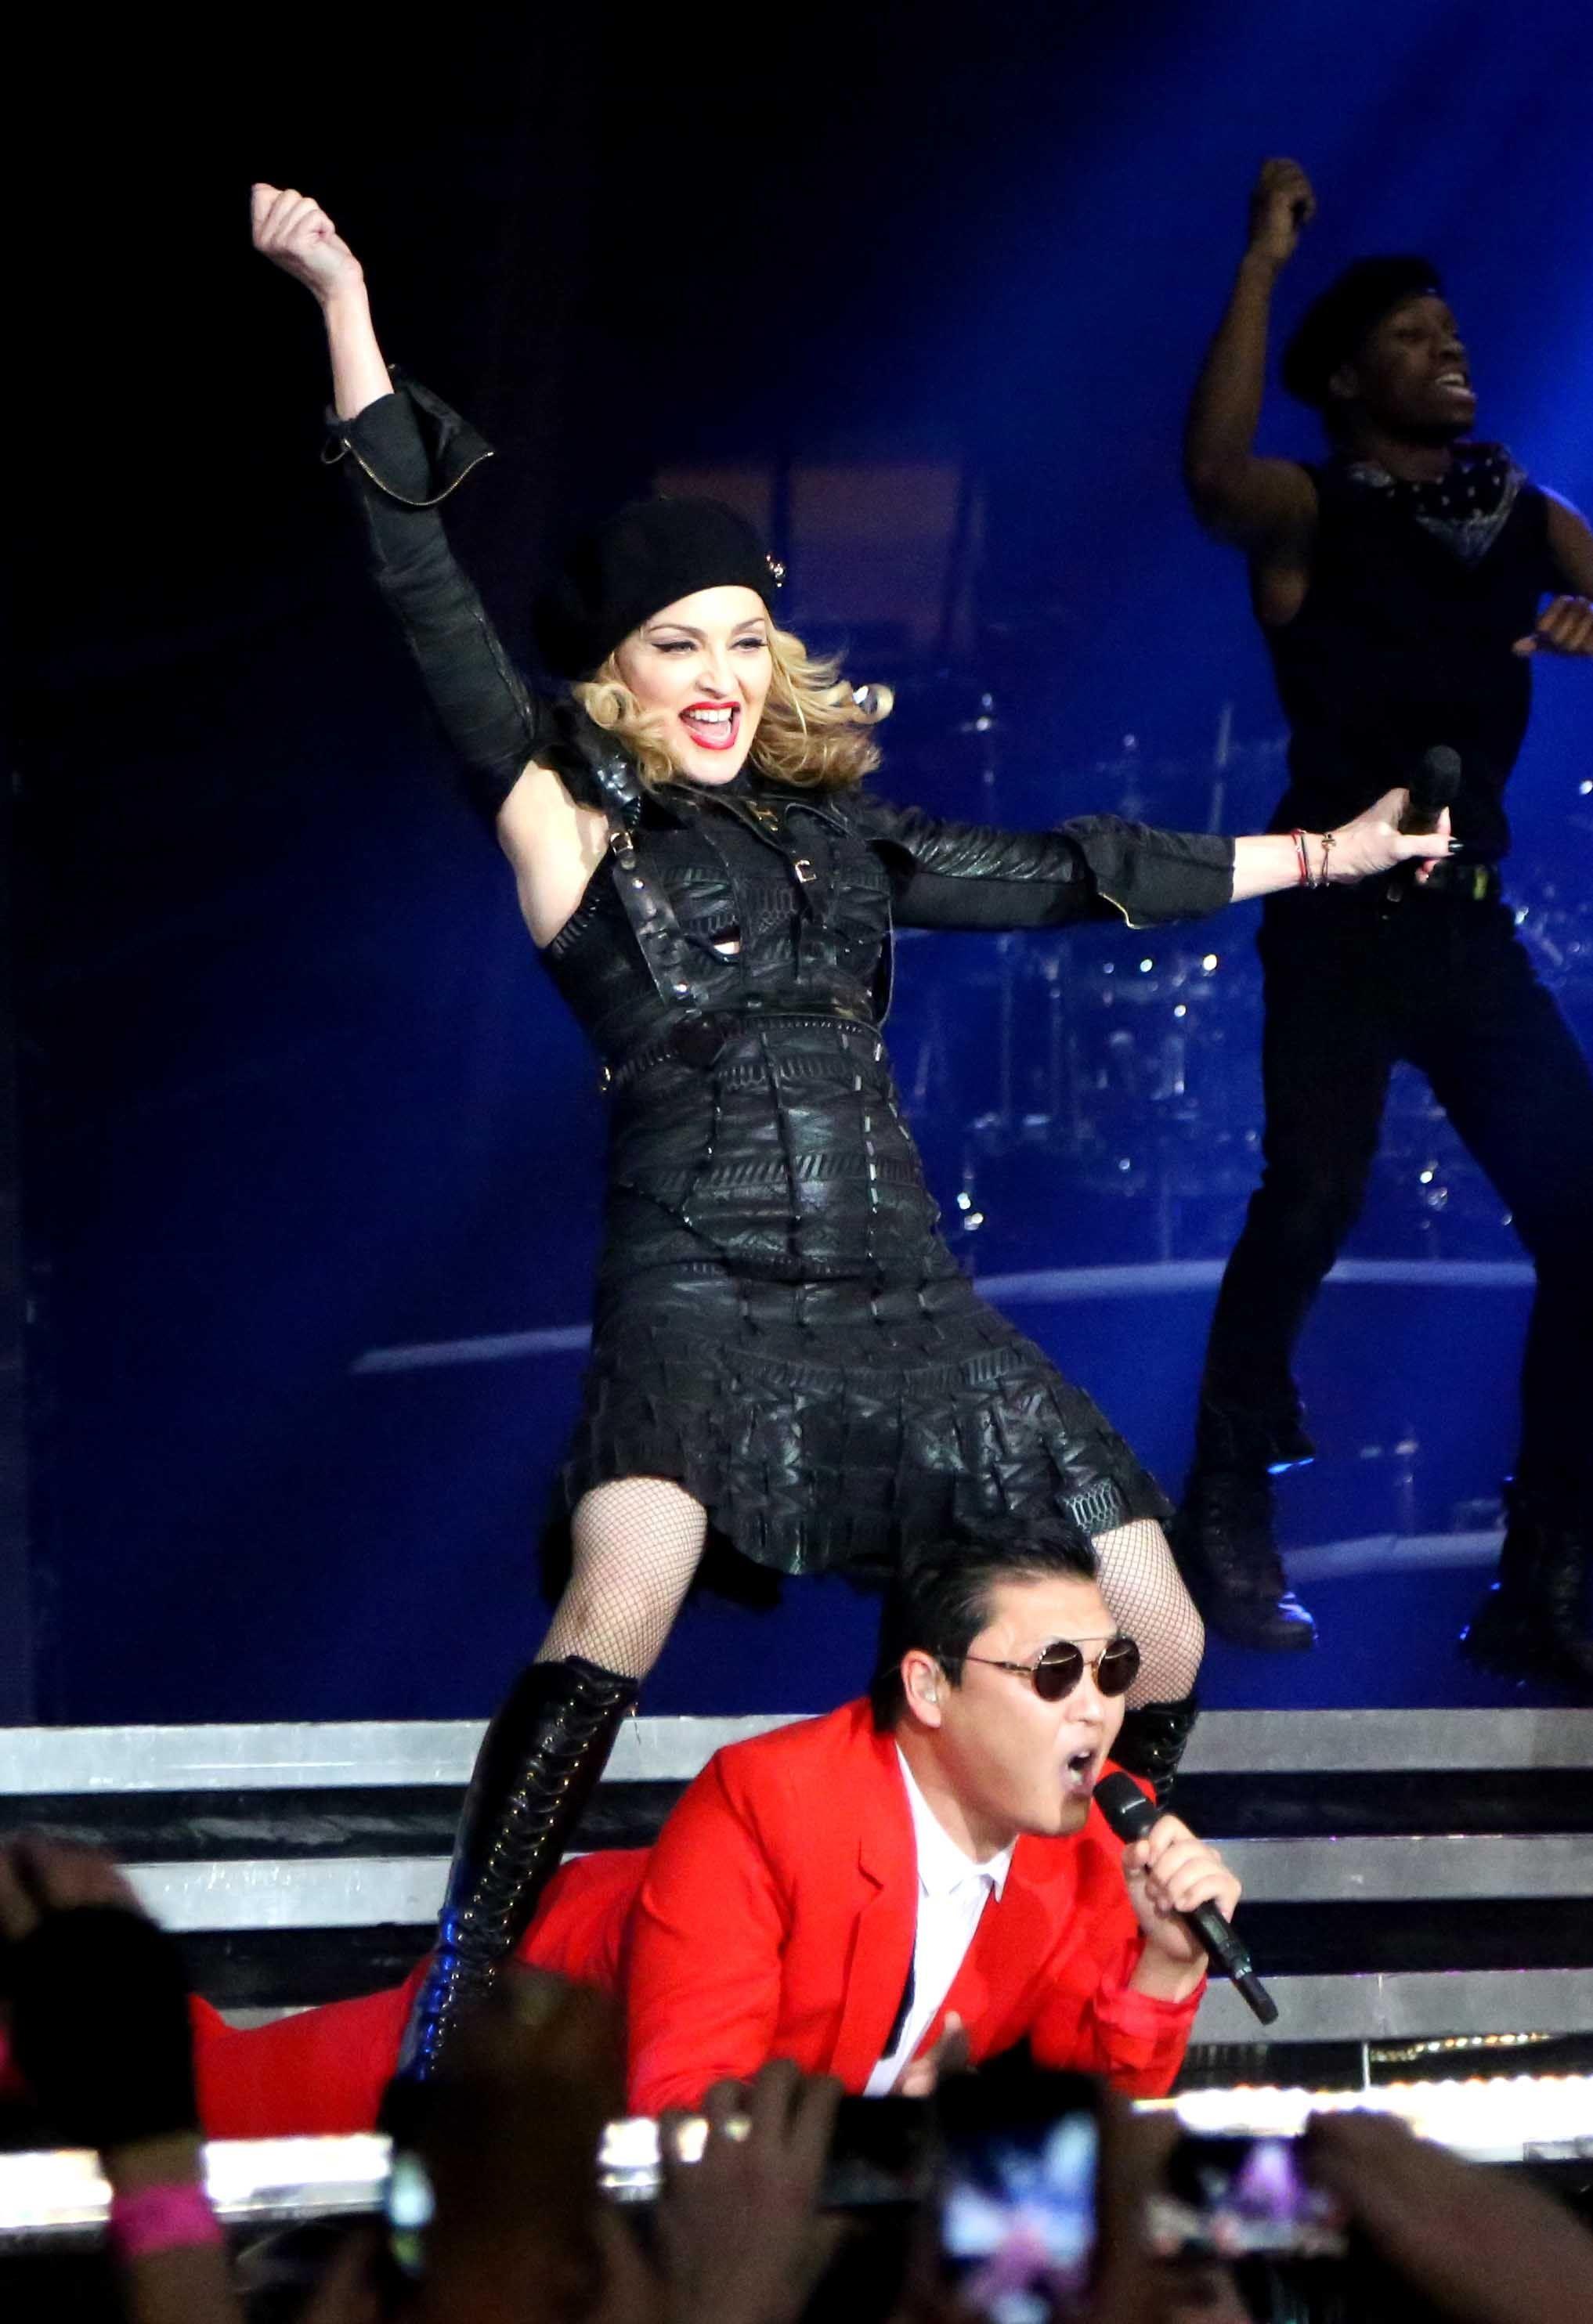 """Madonna tuvo un invitado especial en su concierto del martes por la noche en Nueva York.    El astro del pop coreano PSY acompañó a la superestrella estadounidense durante su segundo concierto de la semana en el Madison Square Garden, y juntos bailaron al ritmo de sus megaéxitos """"Gangnam Style"""" y """"Music"""" ante casi 20 mil espectadores."""